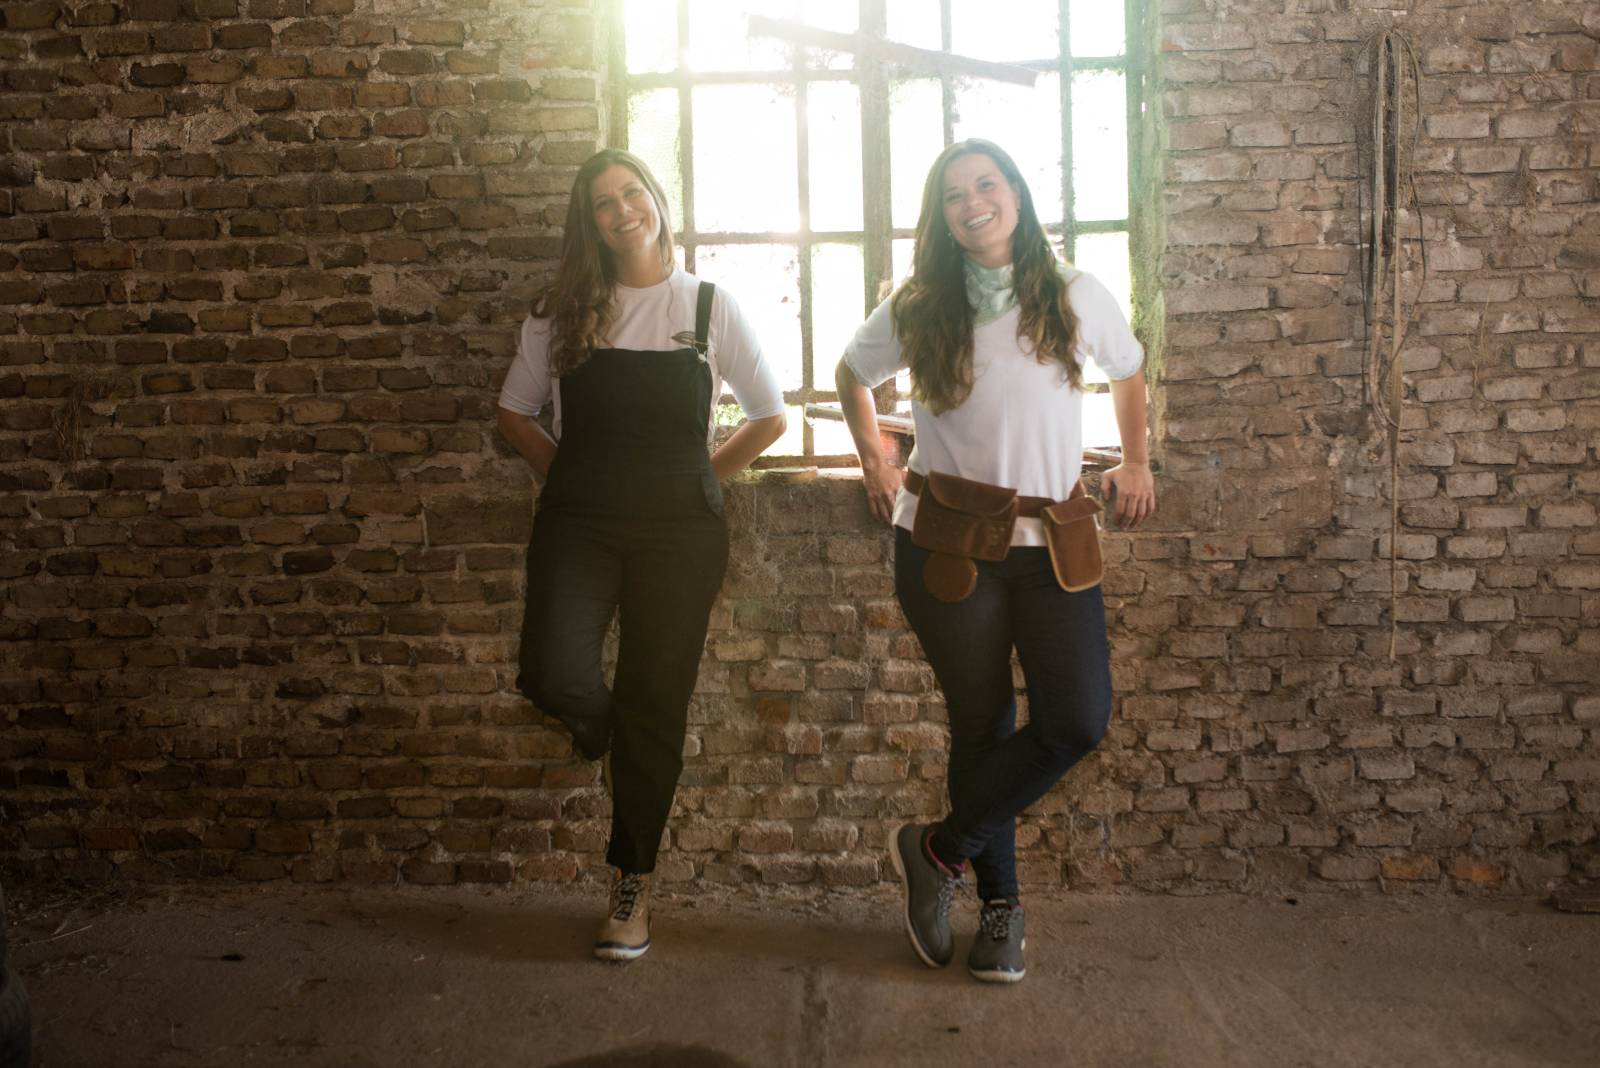 Tienda Cardamomo: dos hermanas dejan la ciudad para vivir una vida slow life y reconectar con su historia y la actividad artesanal